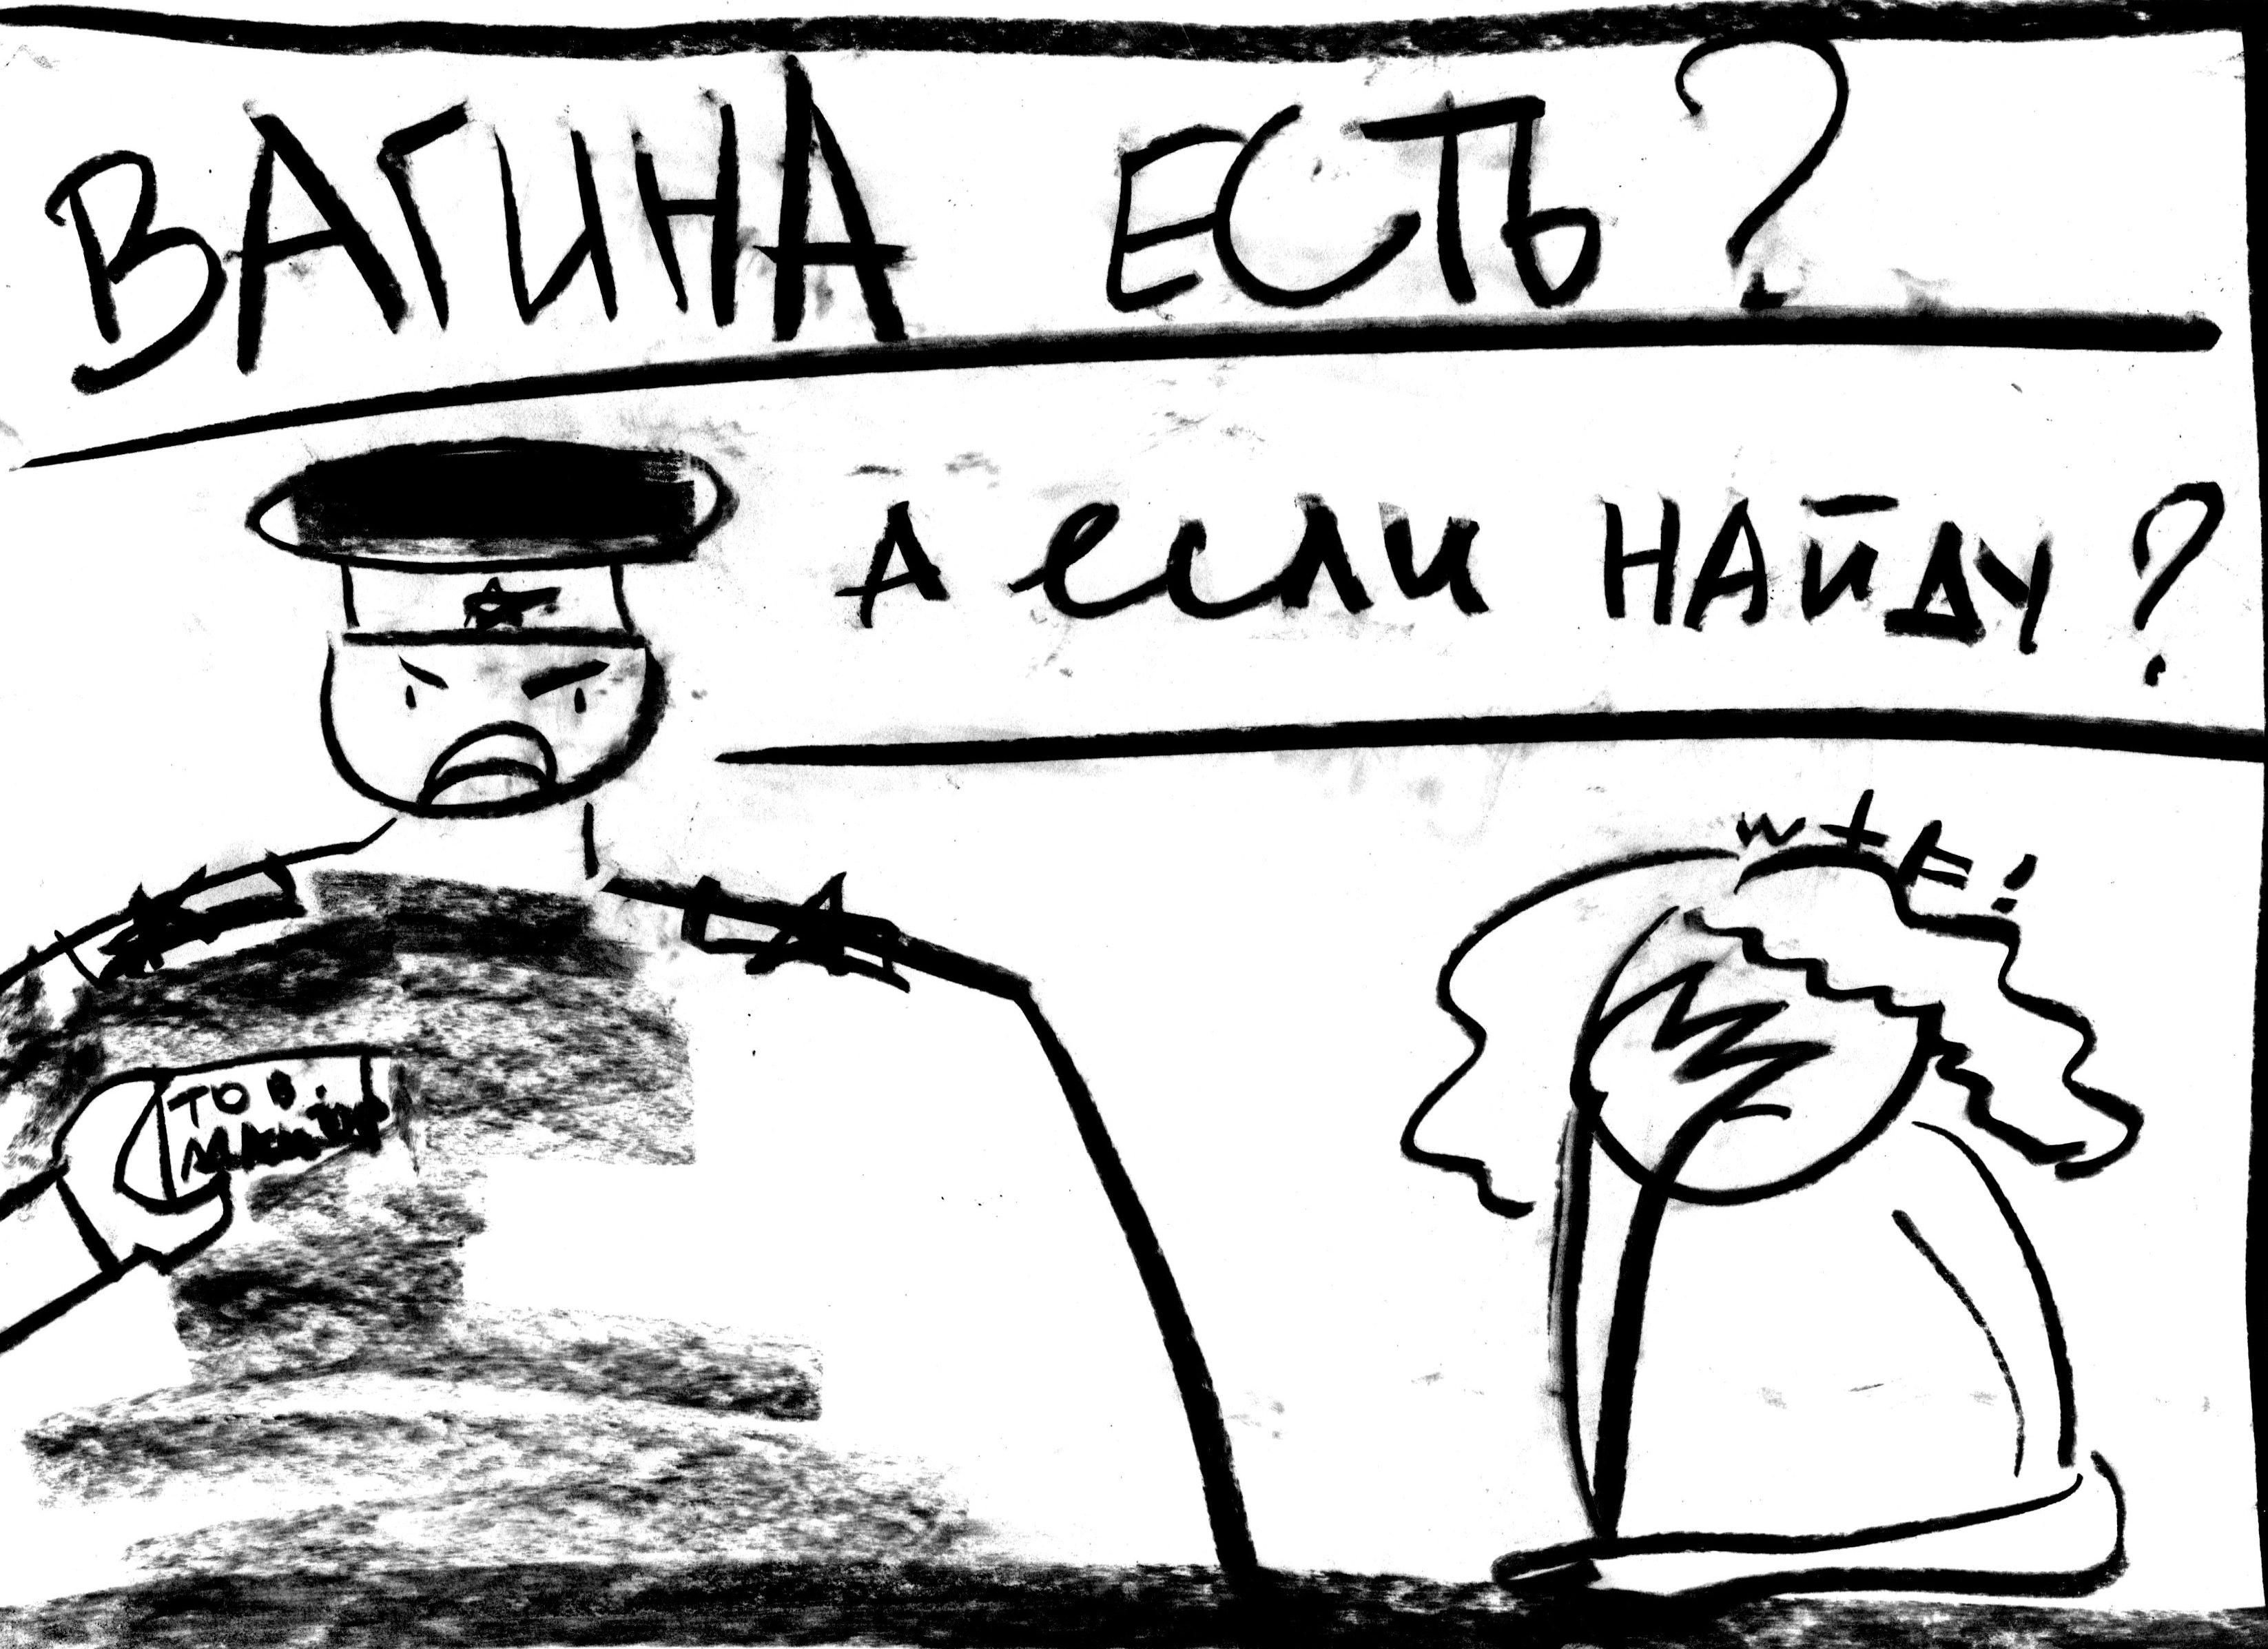 На черно-белом рисунке изображены две фигуры. Слева изображена мужская фигура, презентующая власть. Его черты лица выгляд